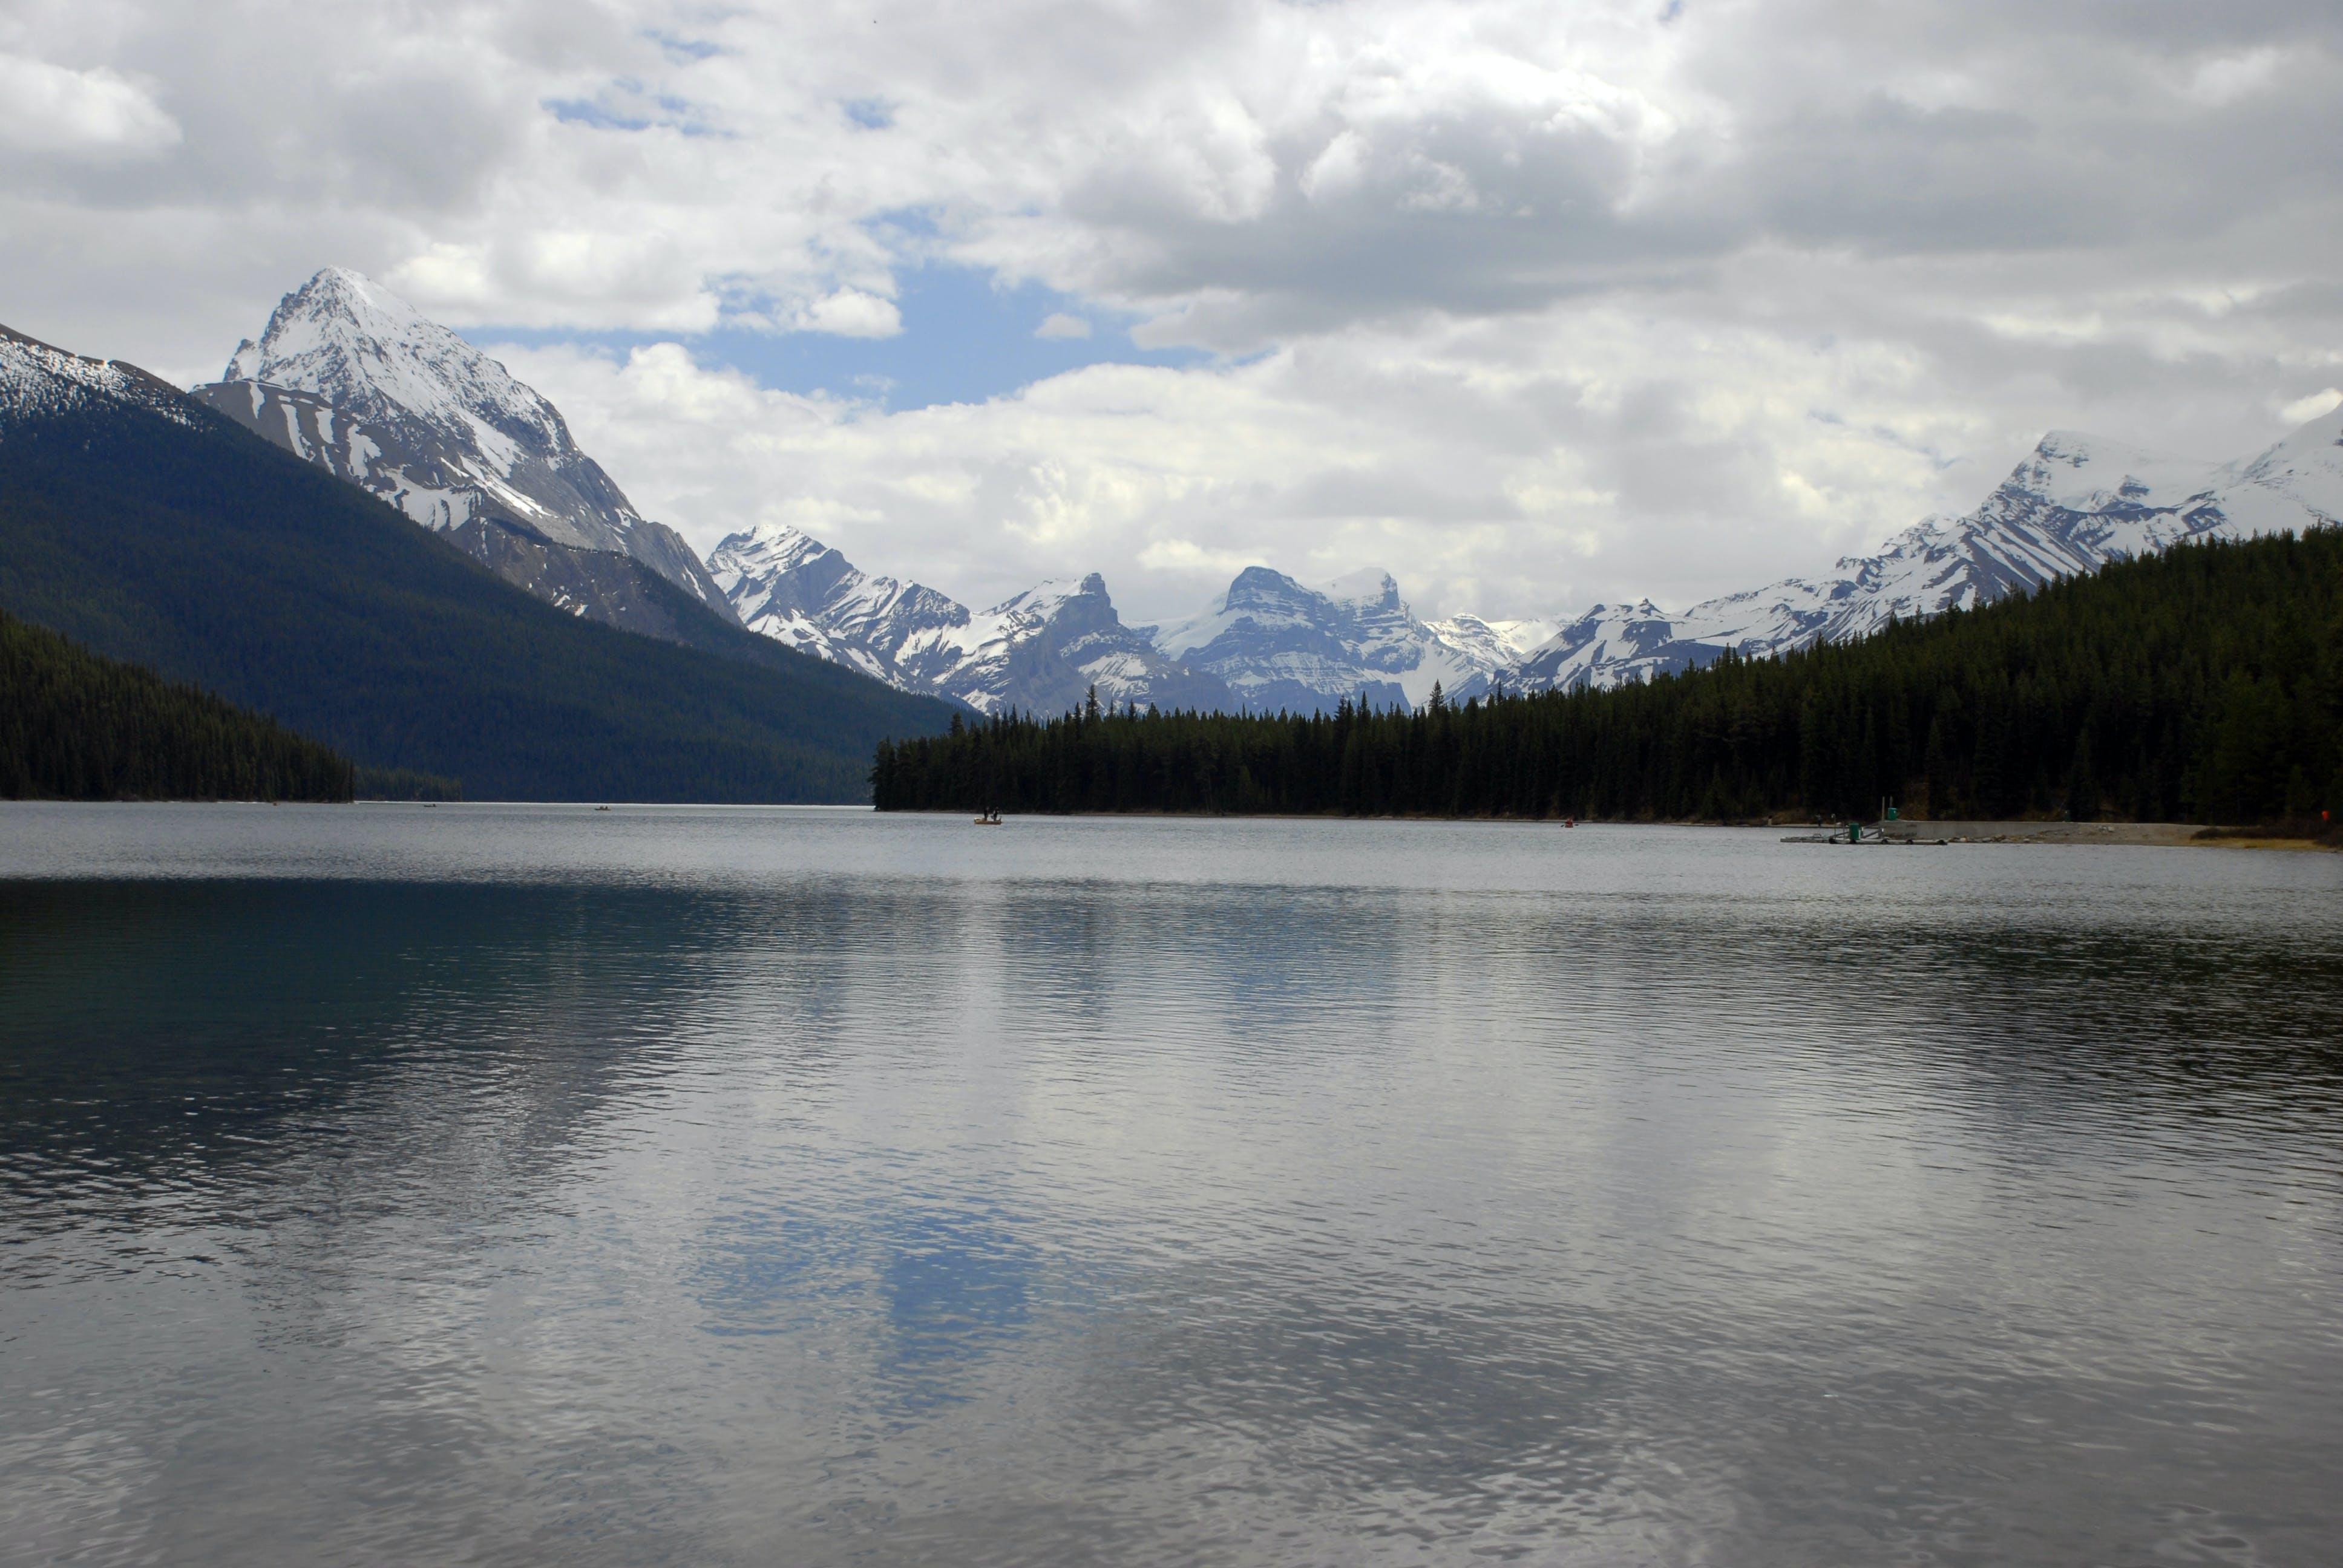 Δωρεάν στοκ φωτογραφιών με αντανάκλαση, βουνά, γαλήνιος, γραφικός